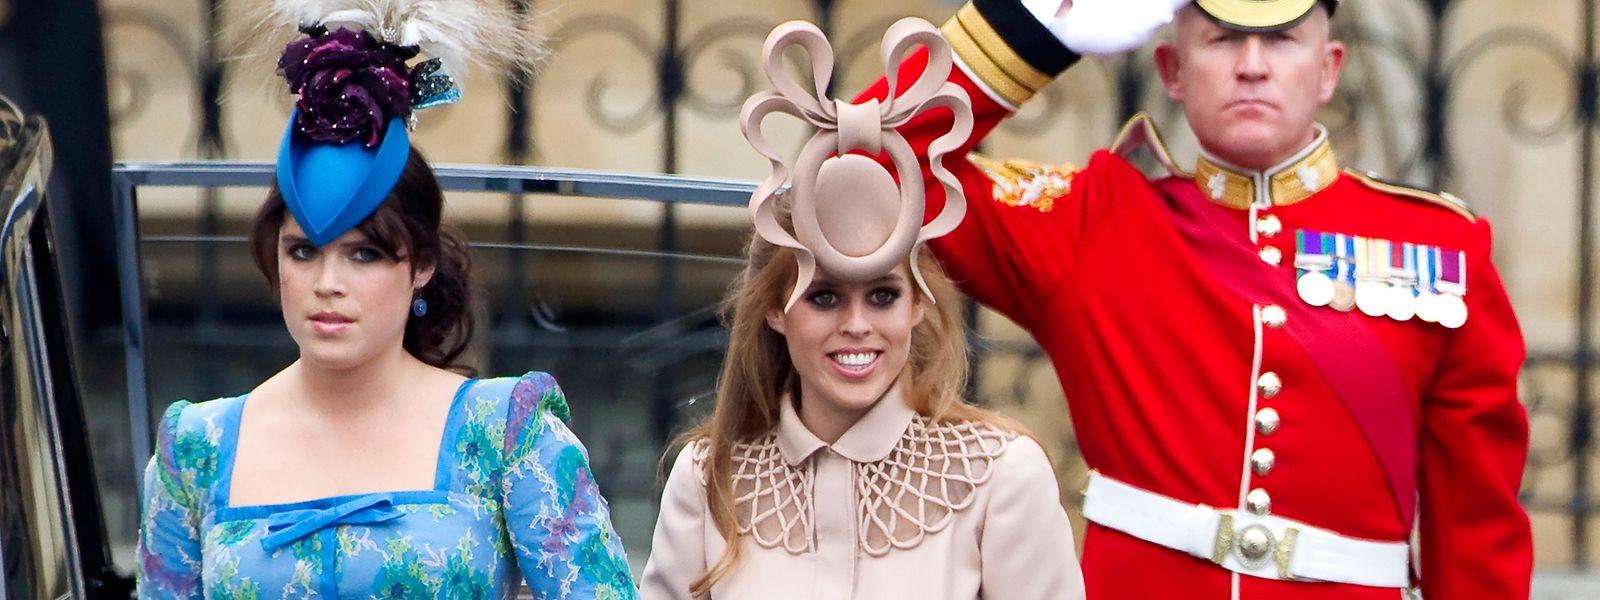 Prinzessin Eugenie von York (l) und Prinzessin Beatrice von York bei der Hochzeit von Prinz William und Herzogin Kate. Prinzessin Eugenie wird am Dienstag 30 Jahre alt.